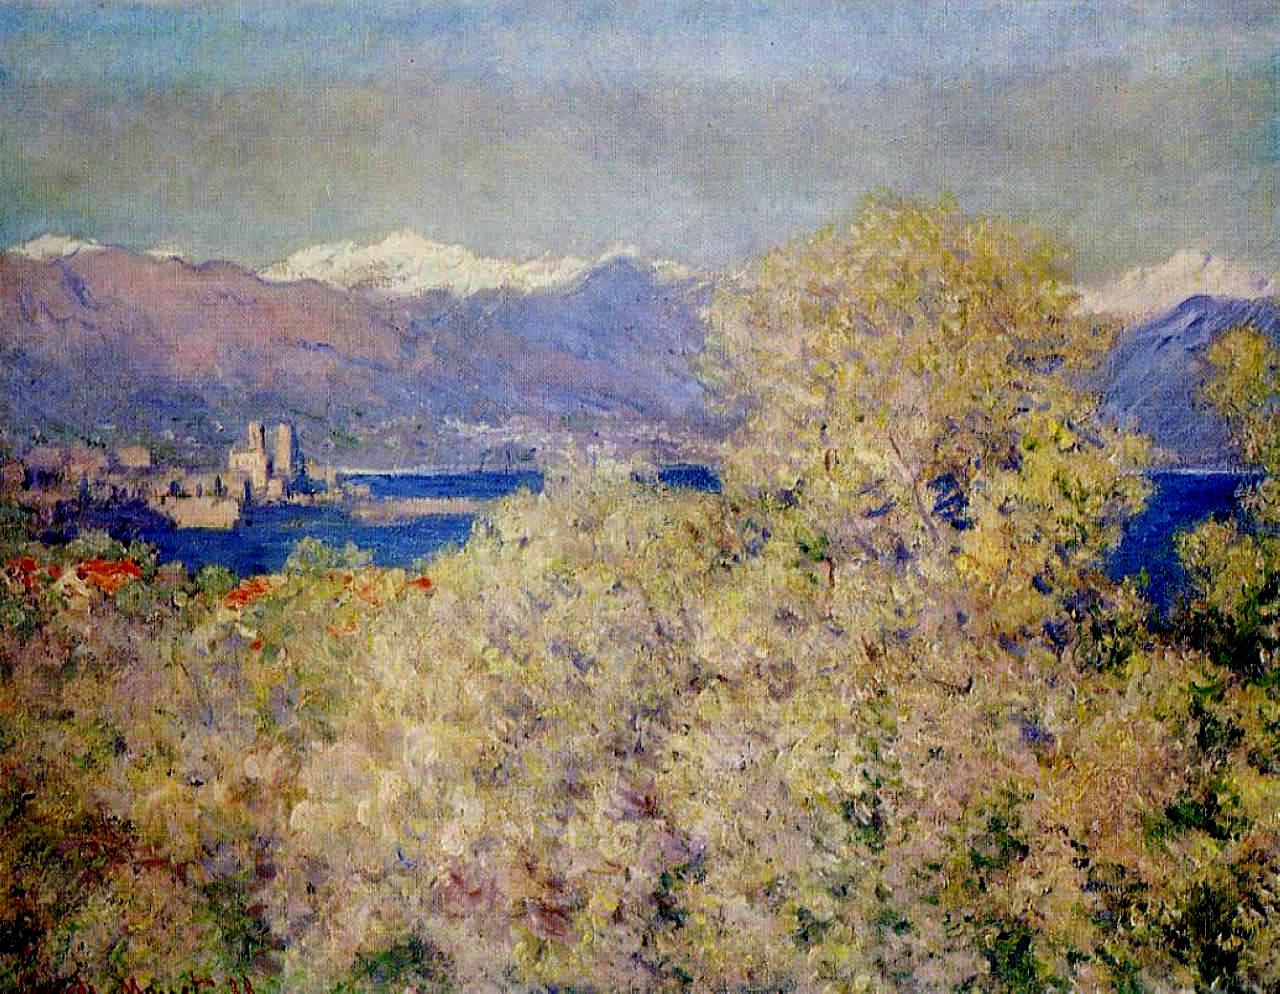 южные пейзажи < Антиб - виды садов Салис >:: Клод Моне, описание картины - Claude Monet фото